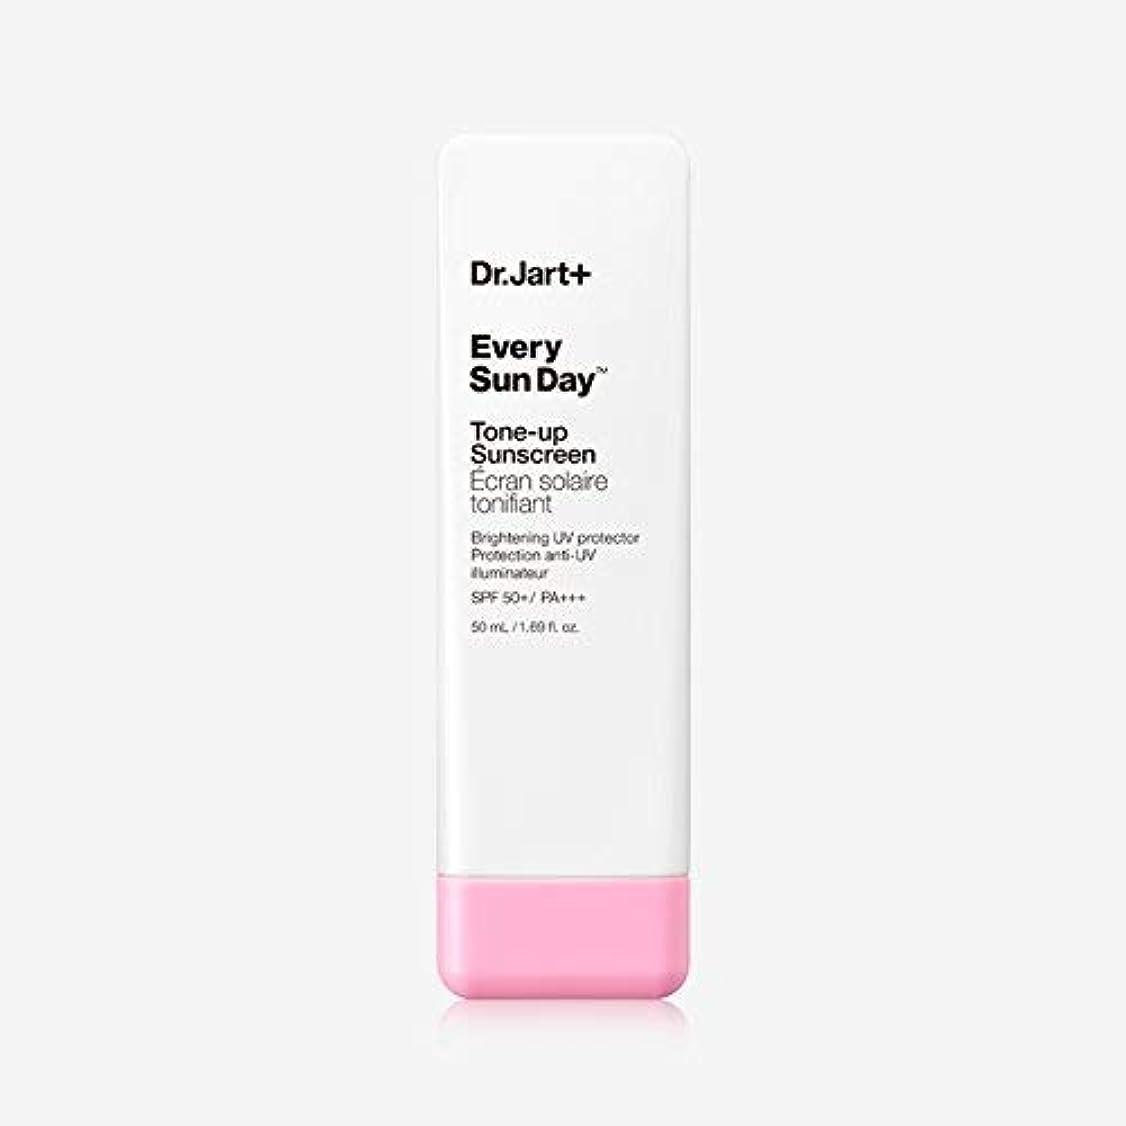 最も遠いファッションコーラスDr.Jart+ Every Sun Day Tone-up Sunscreen SPF50+ PA+++ 50ml / ドクタージャルトゥエヴリサンデートーンアップサンスクリーンSPF50+PA+++50ml [並行輸入品]